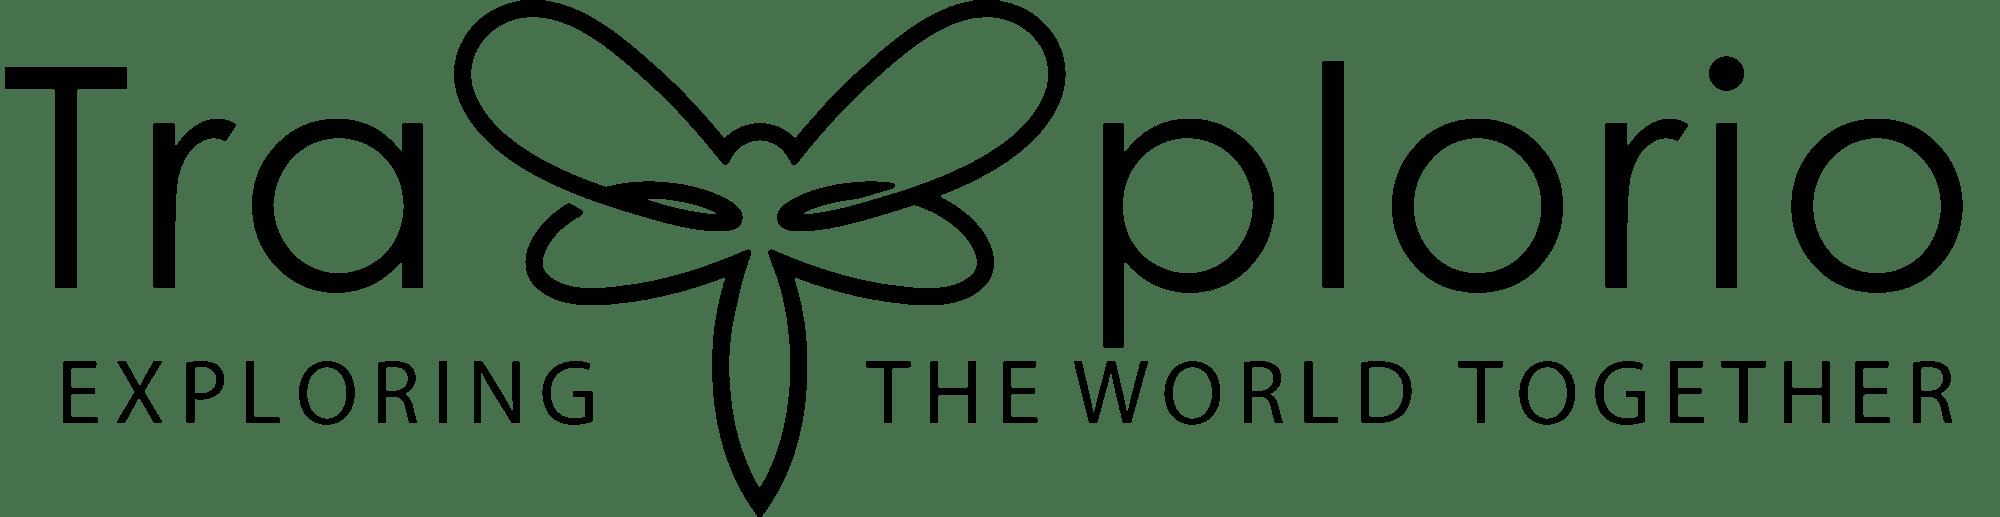 Traxplorio Image Logo